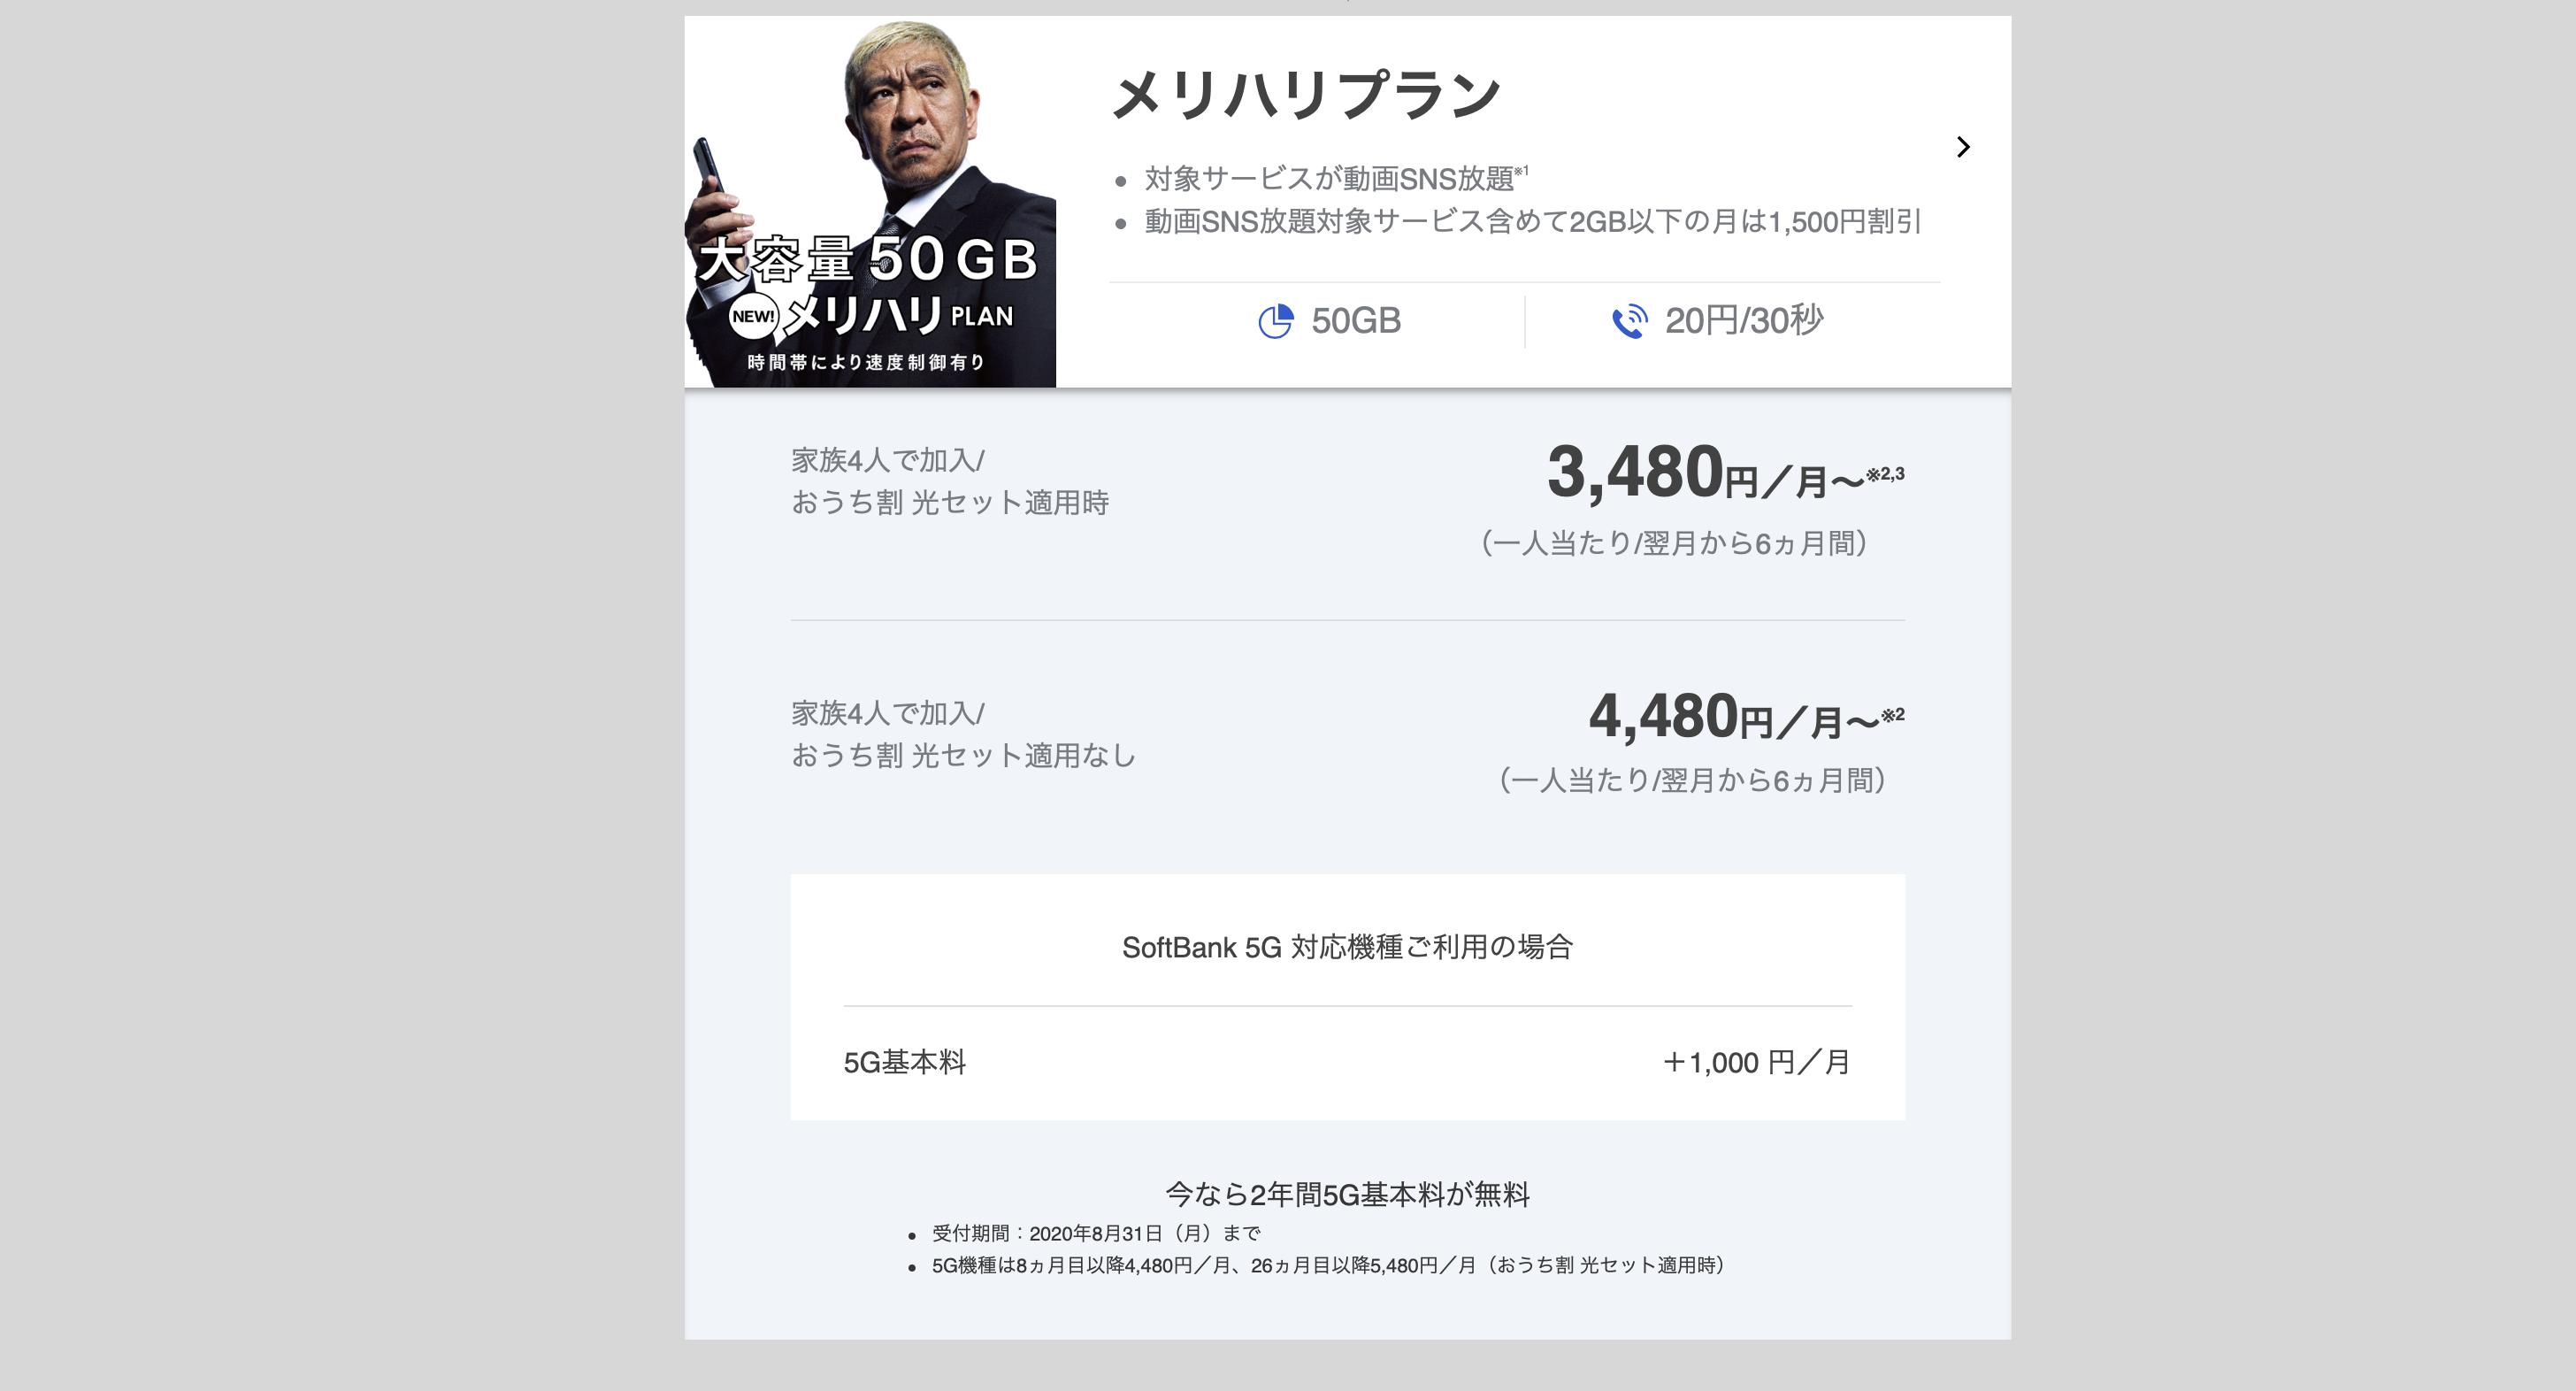 スクリーンショット 2020-08-08 13.36.55